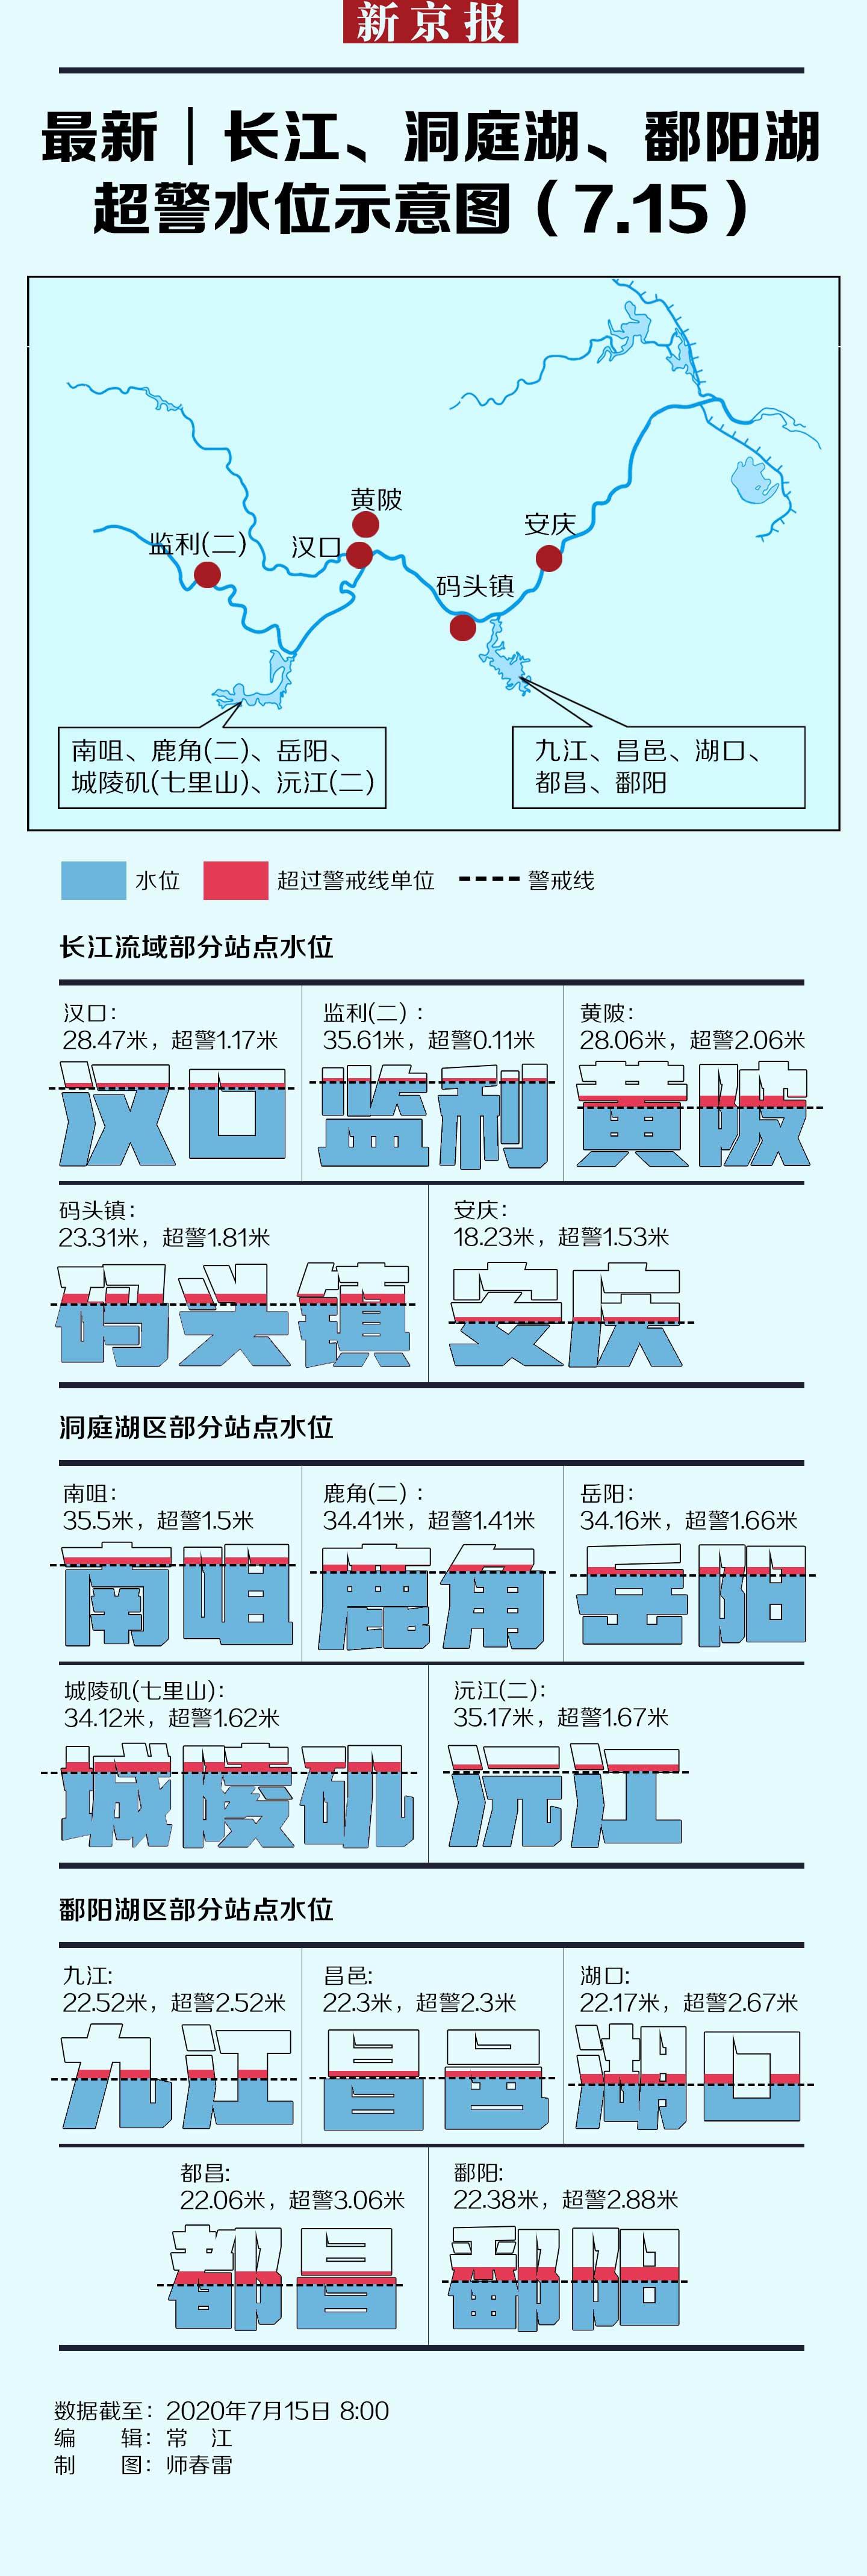 最新│长江洞庭湖鄱阳湖超警水位杏悦示意图7,杏悦图片